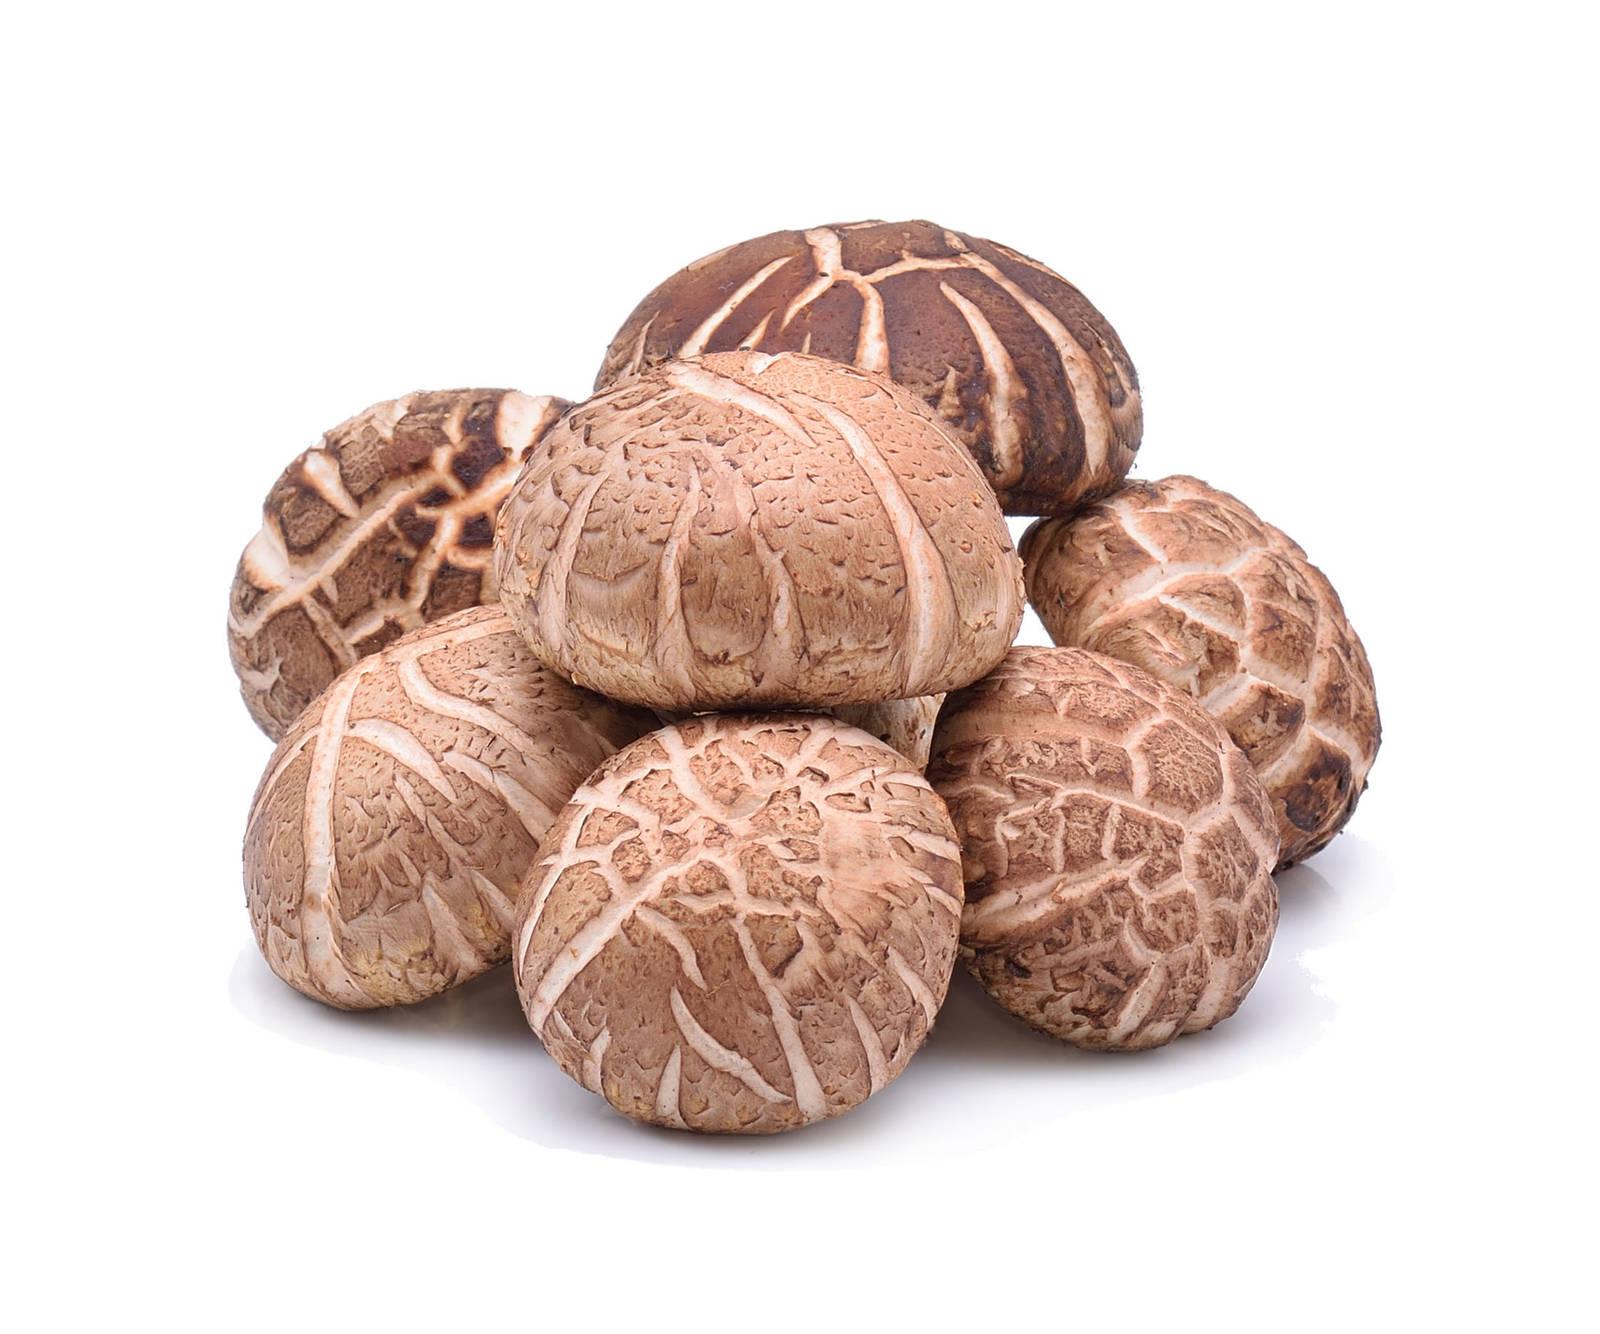 香菇--「一味求快,生產快,進食快,常常吃什麼就缺乏什麼味道...」